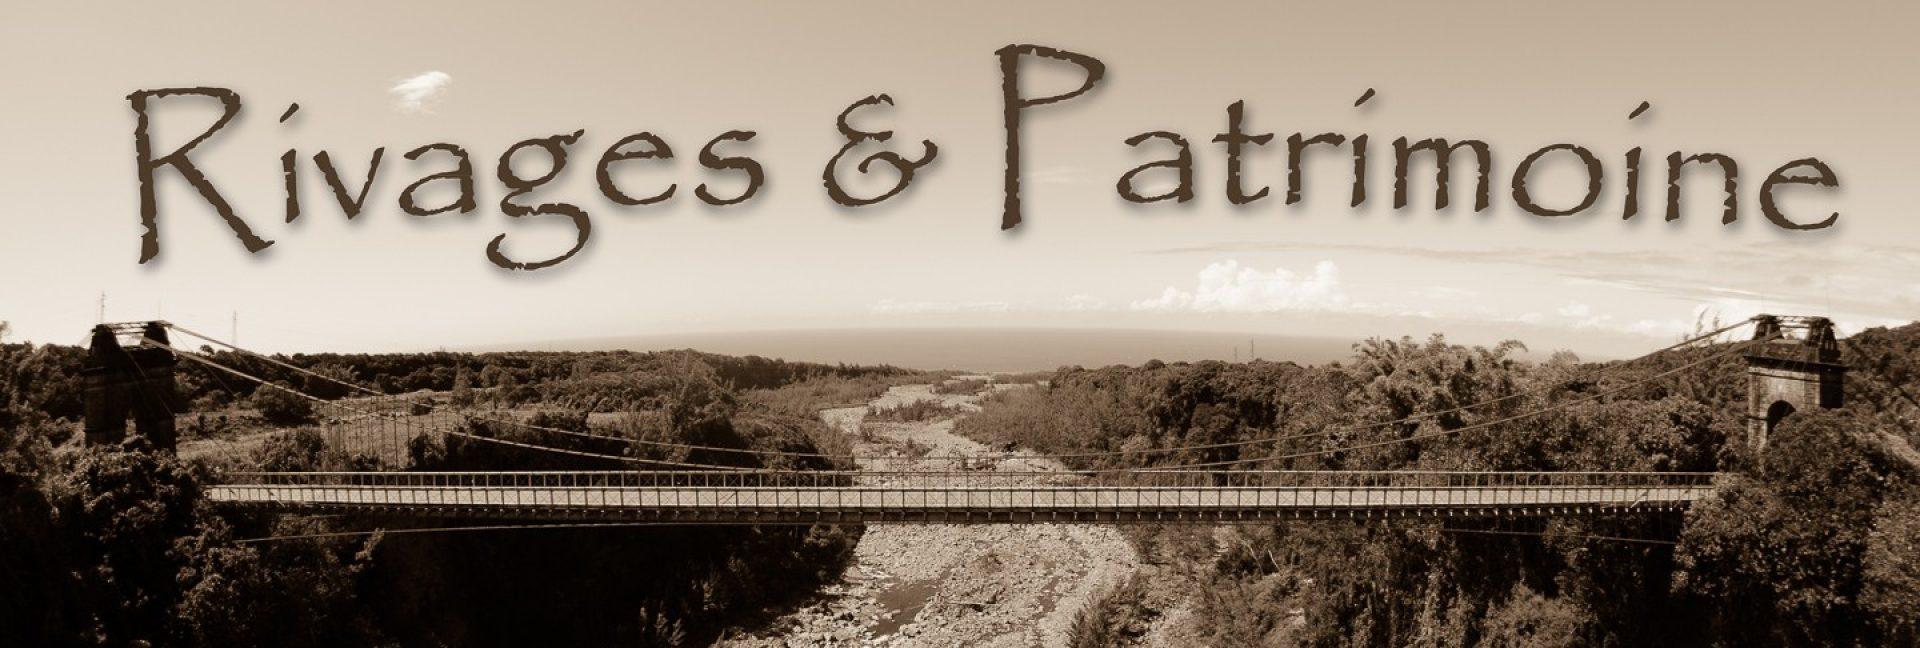 Rivages & Patrimoine